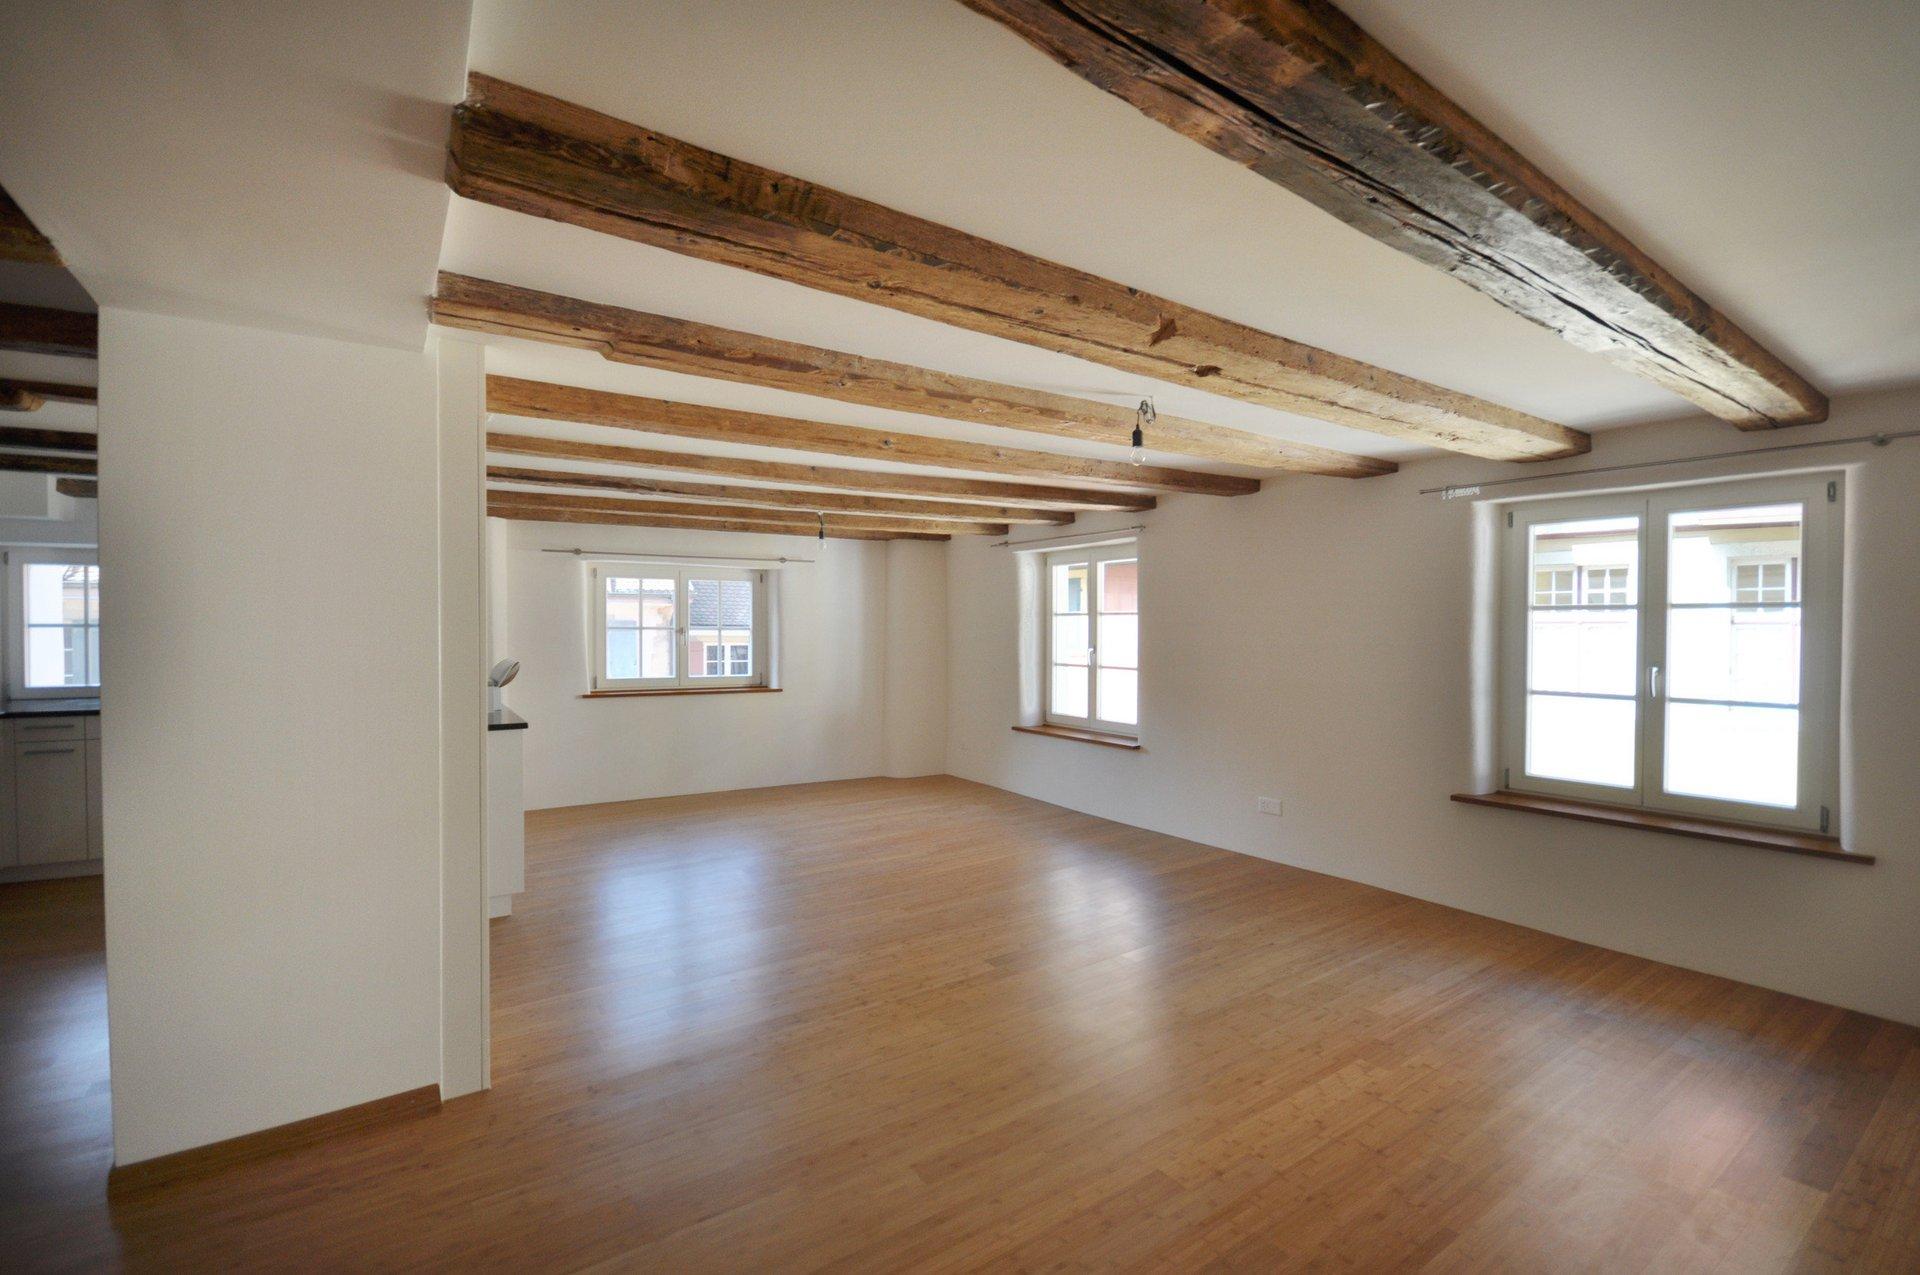 Renovierter Raum mit Küche links und 2-fach-verglasten lichtspendenden Fenstern rechts